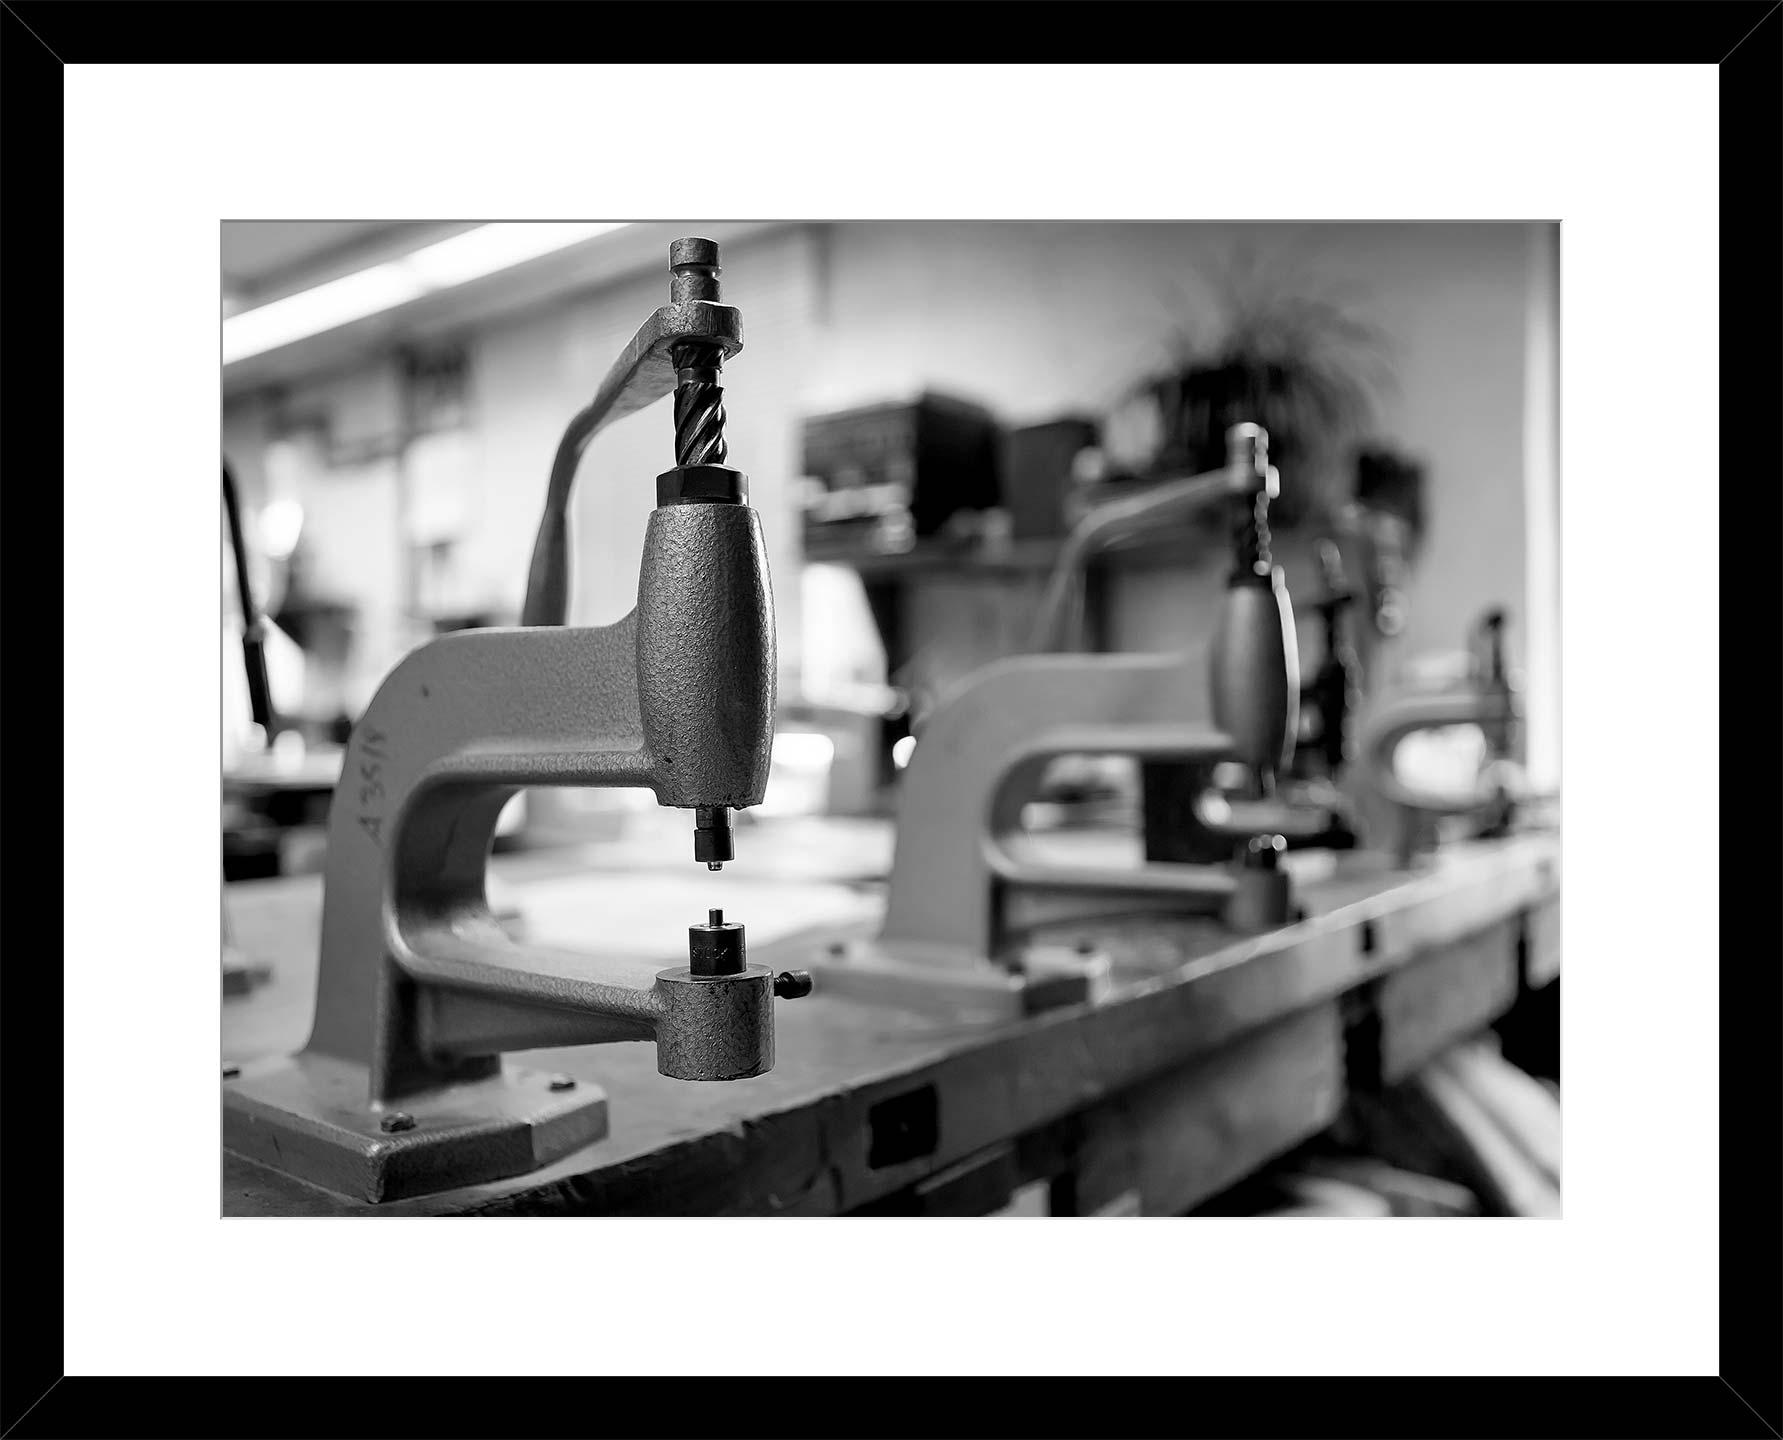 Handarbeit mit einfachen Maschinen und Werkzeugen